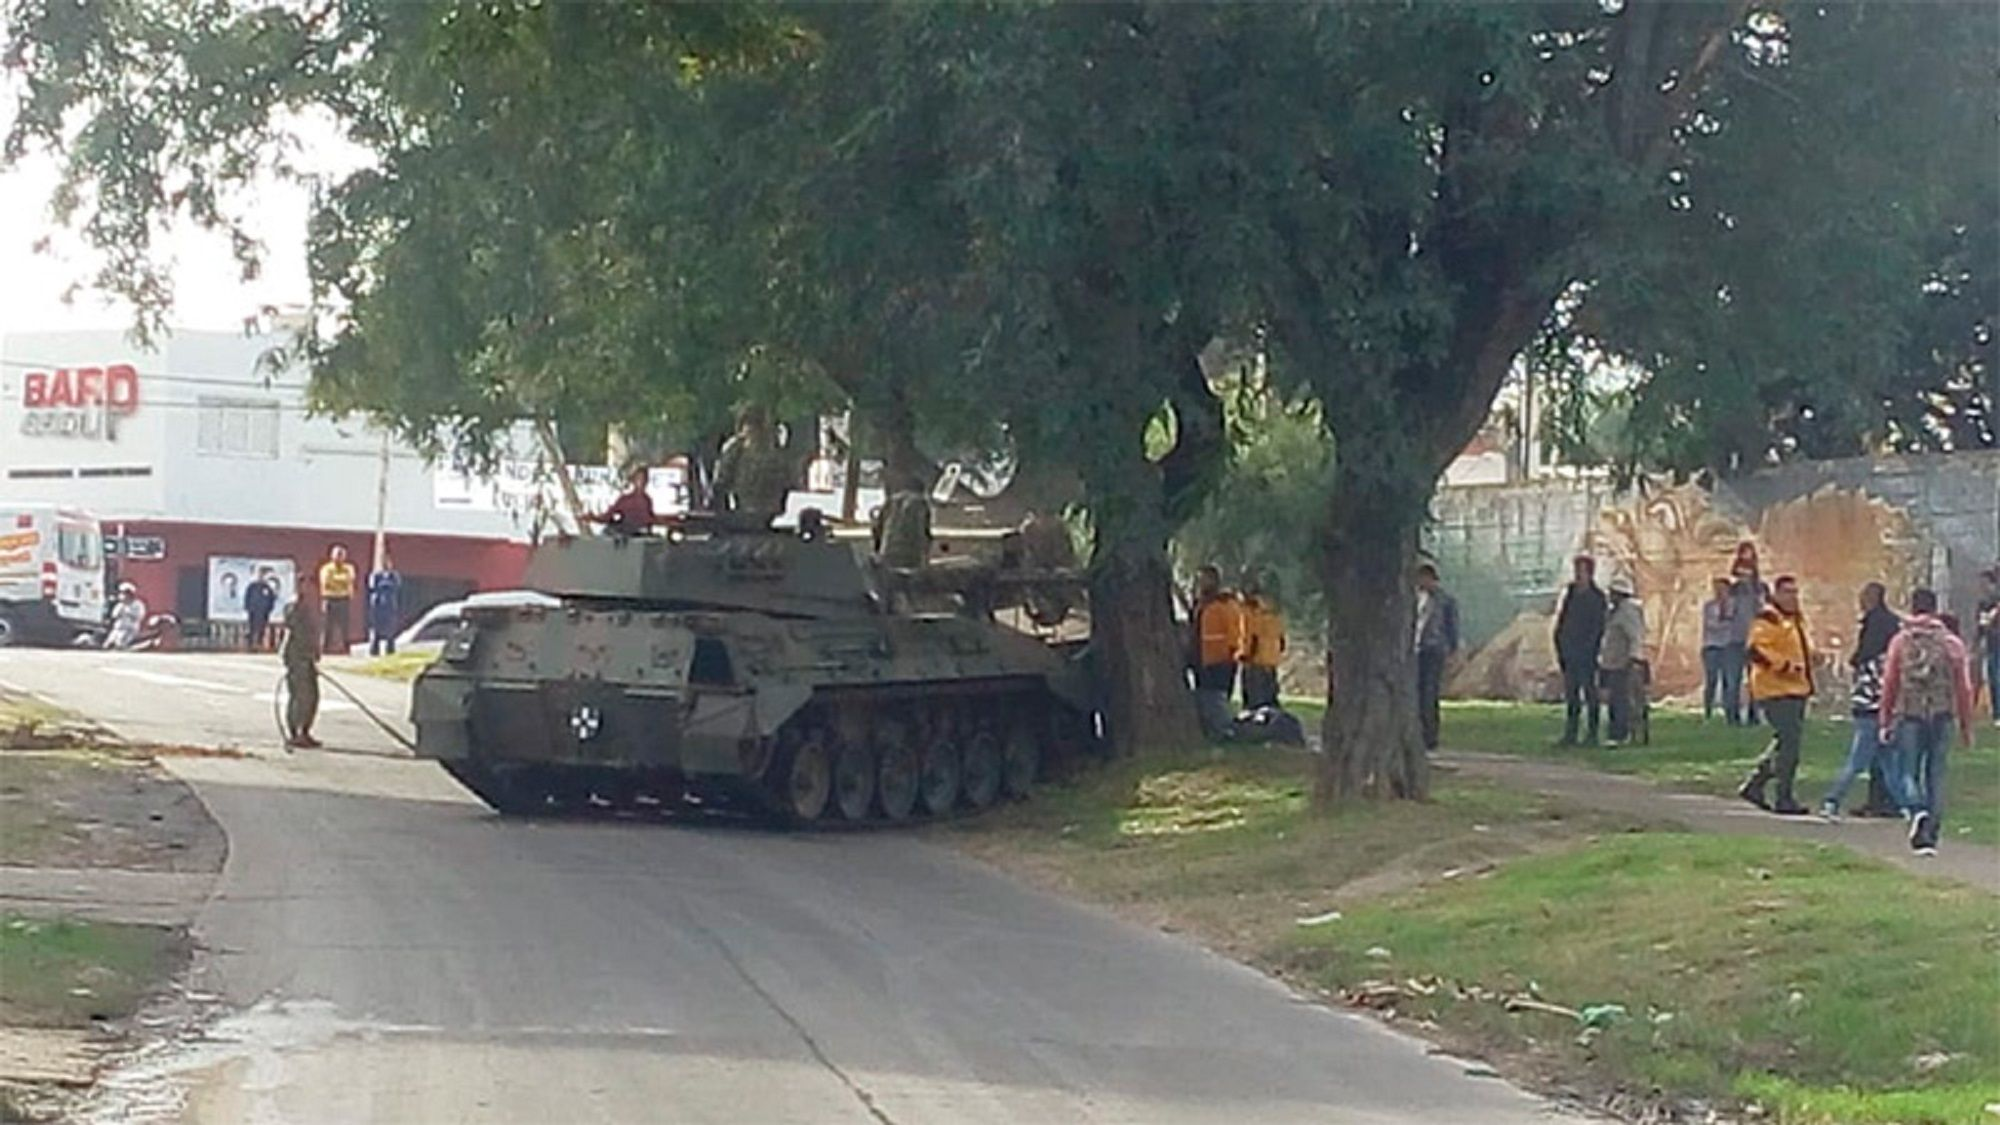 Un tanque de guerra se quedó sin frenos y chocó contra un árbol tras el desfile del 9 de julio